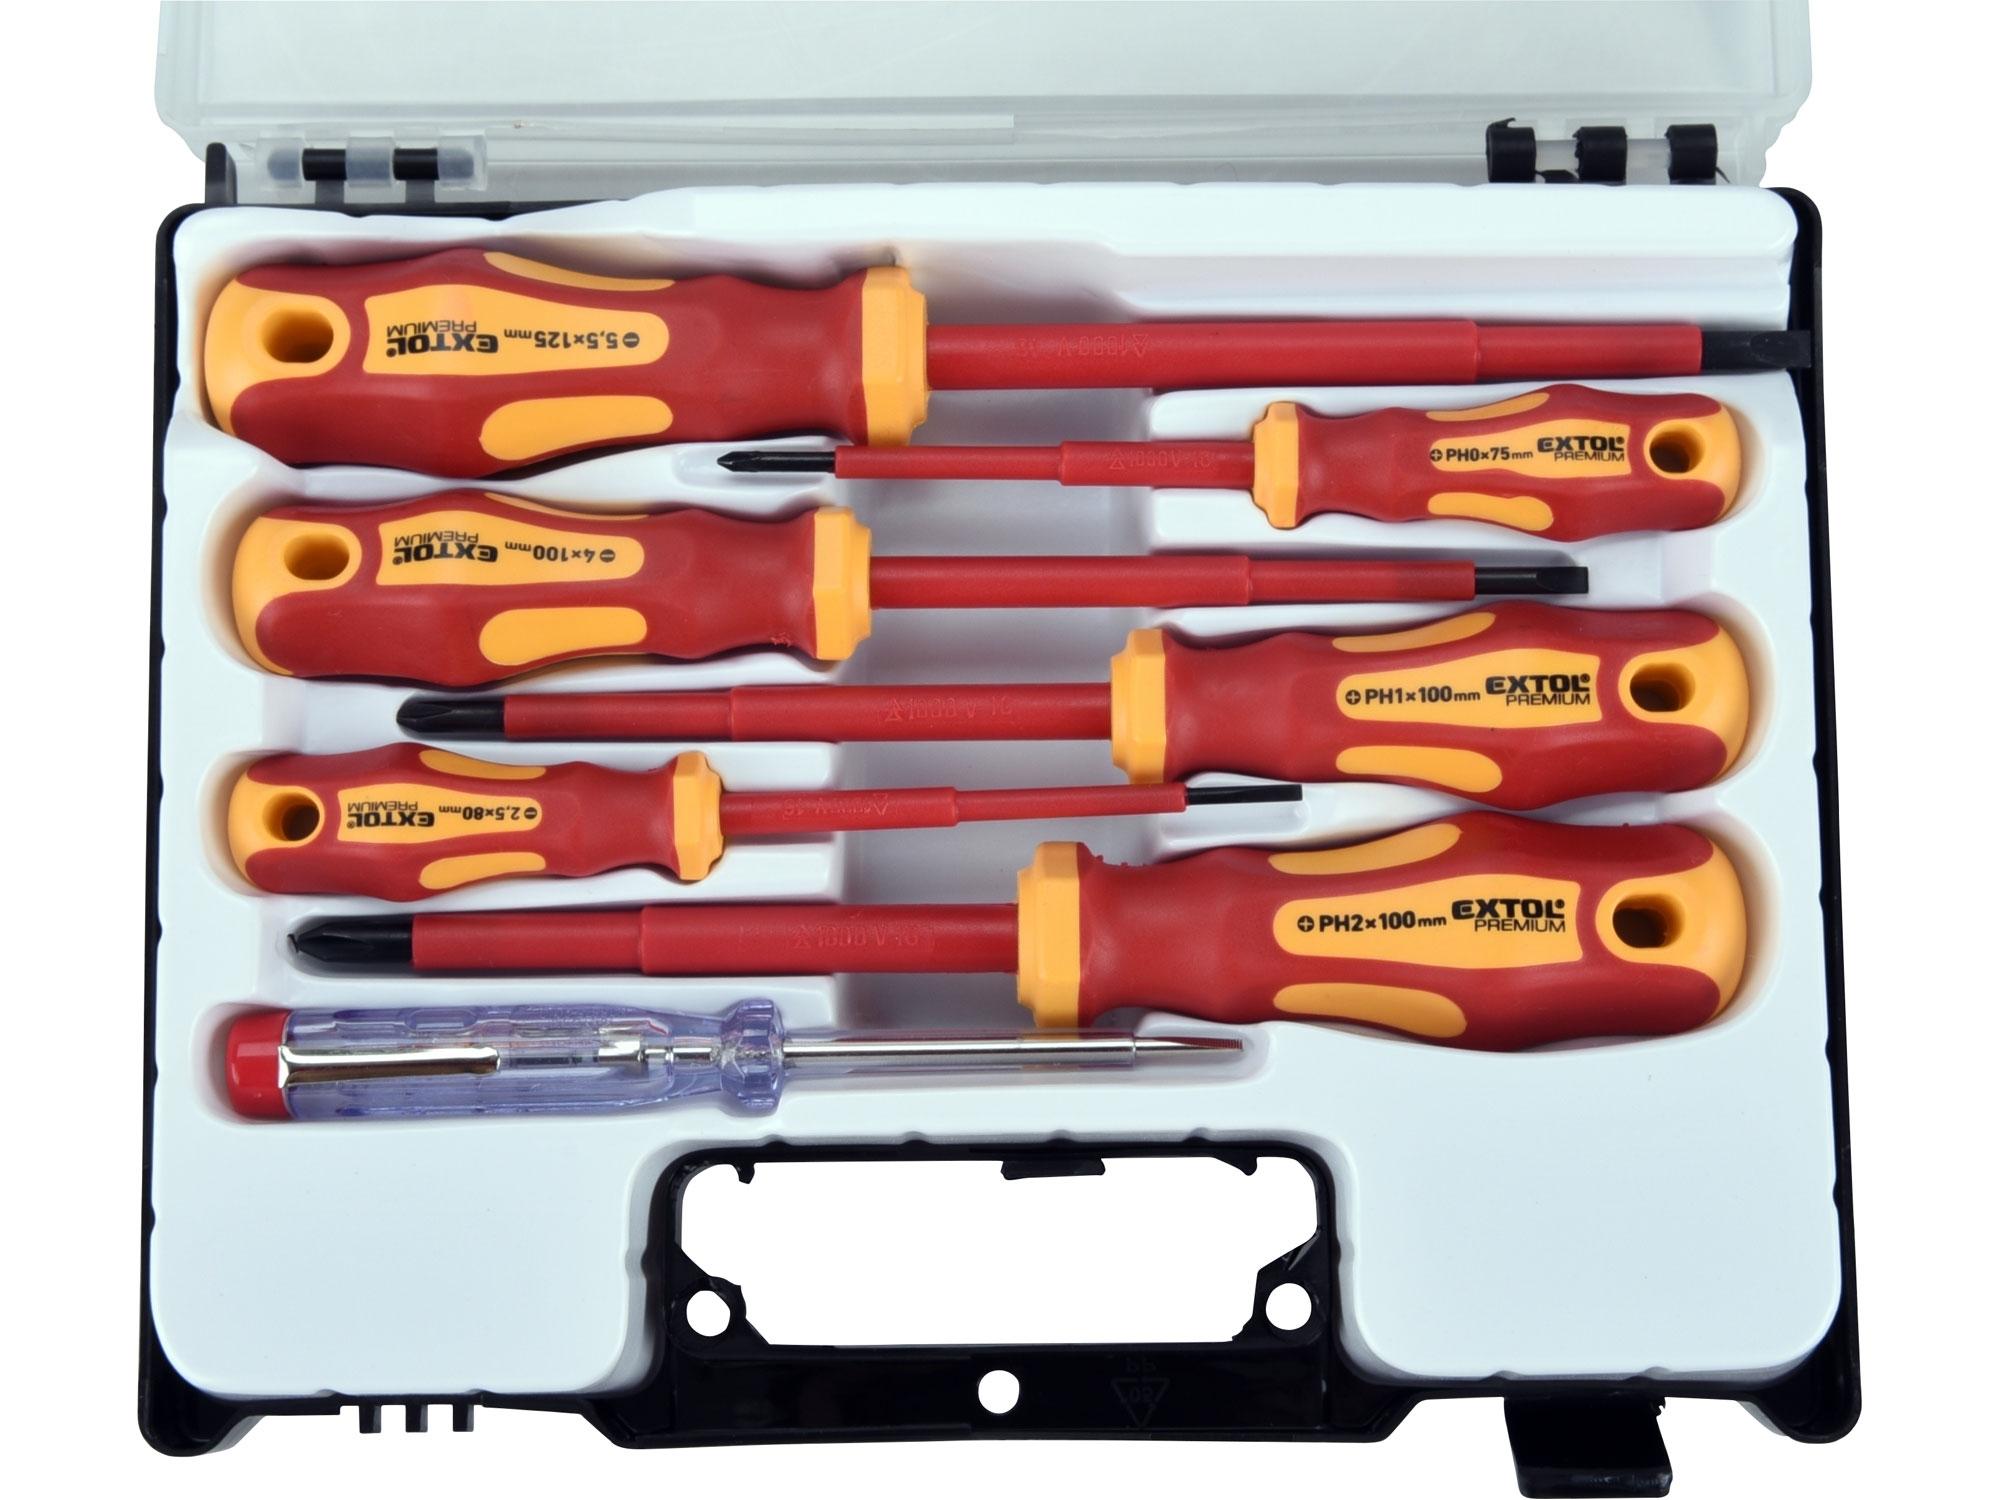 šroubováky elektrikářské se zkoušečkou, sada 7ks, 3x(-),3x(PH), CrV 53087